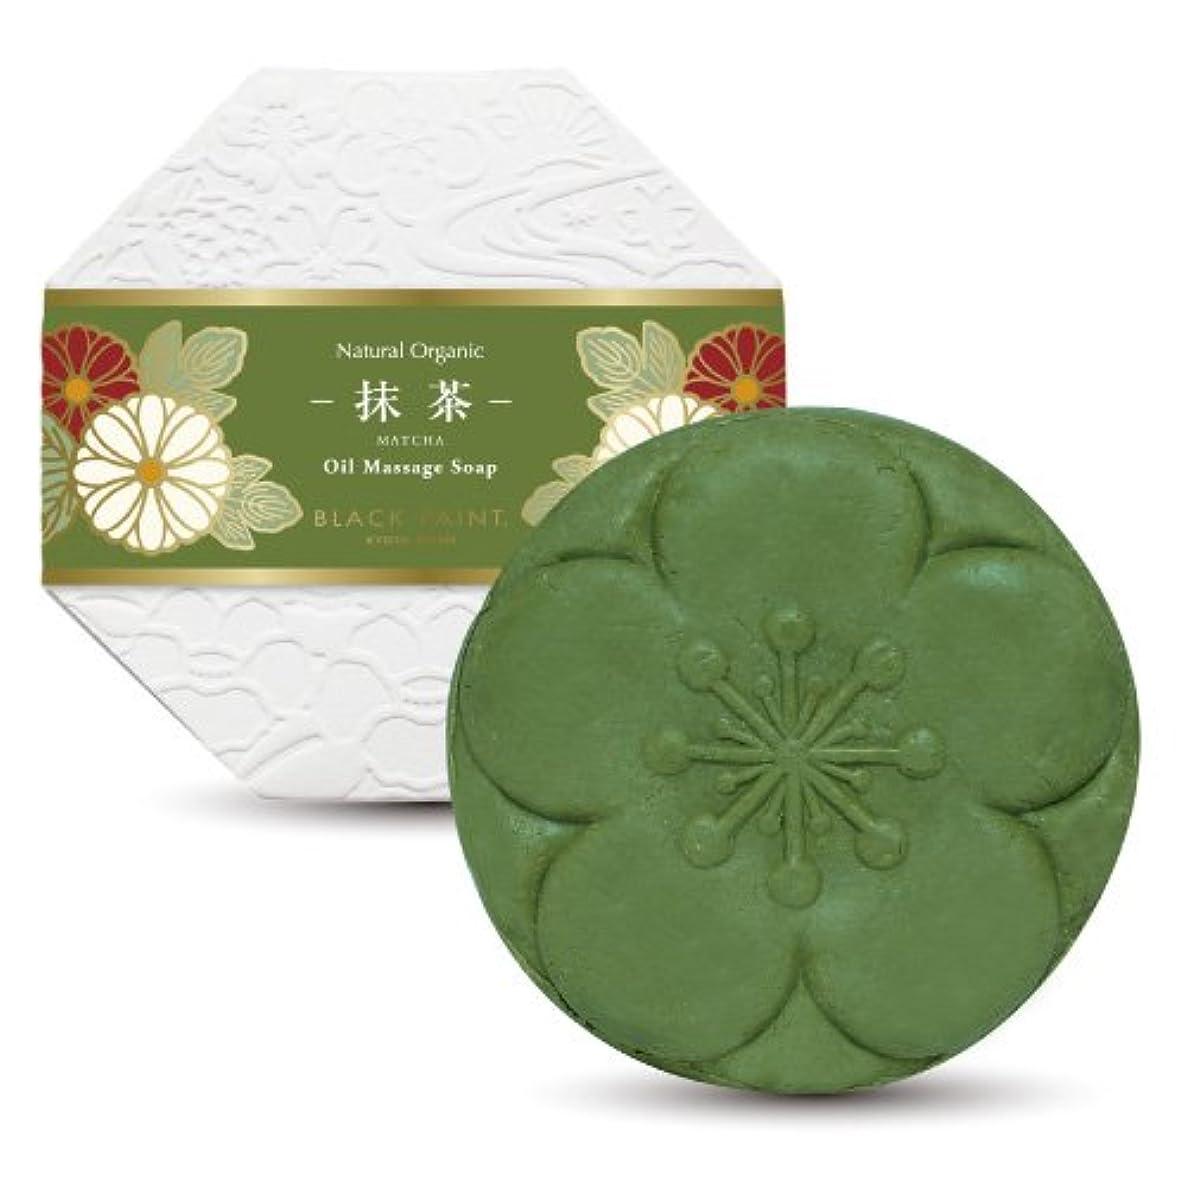 いつバラ色一時解雇する京のお茶石鹸 抹茶 120g 塗る石鹸